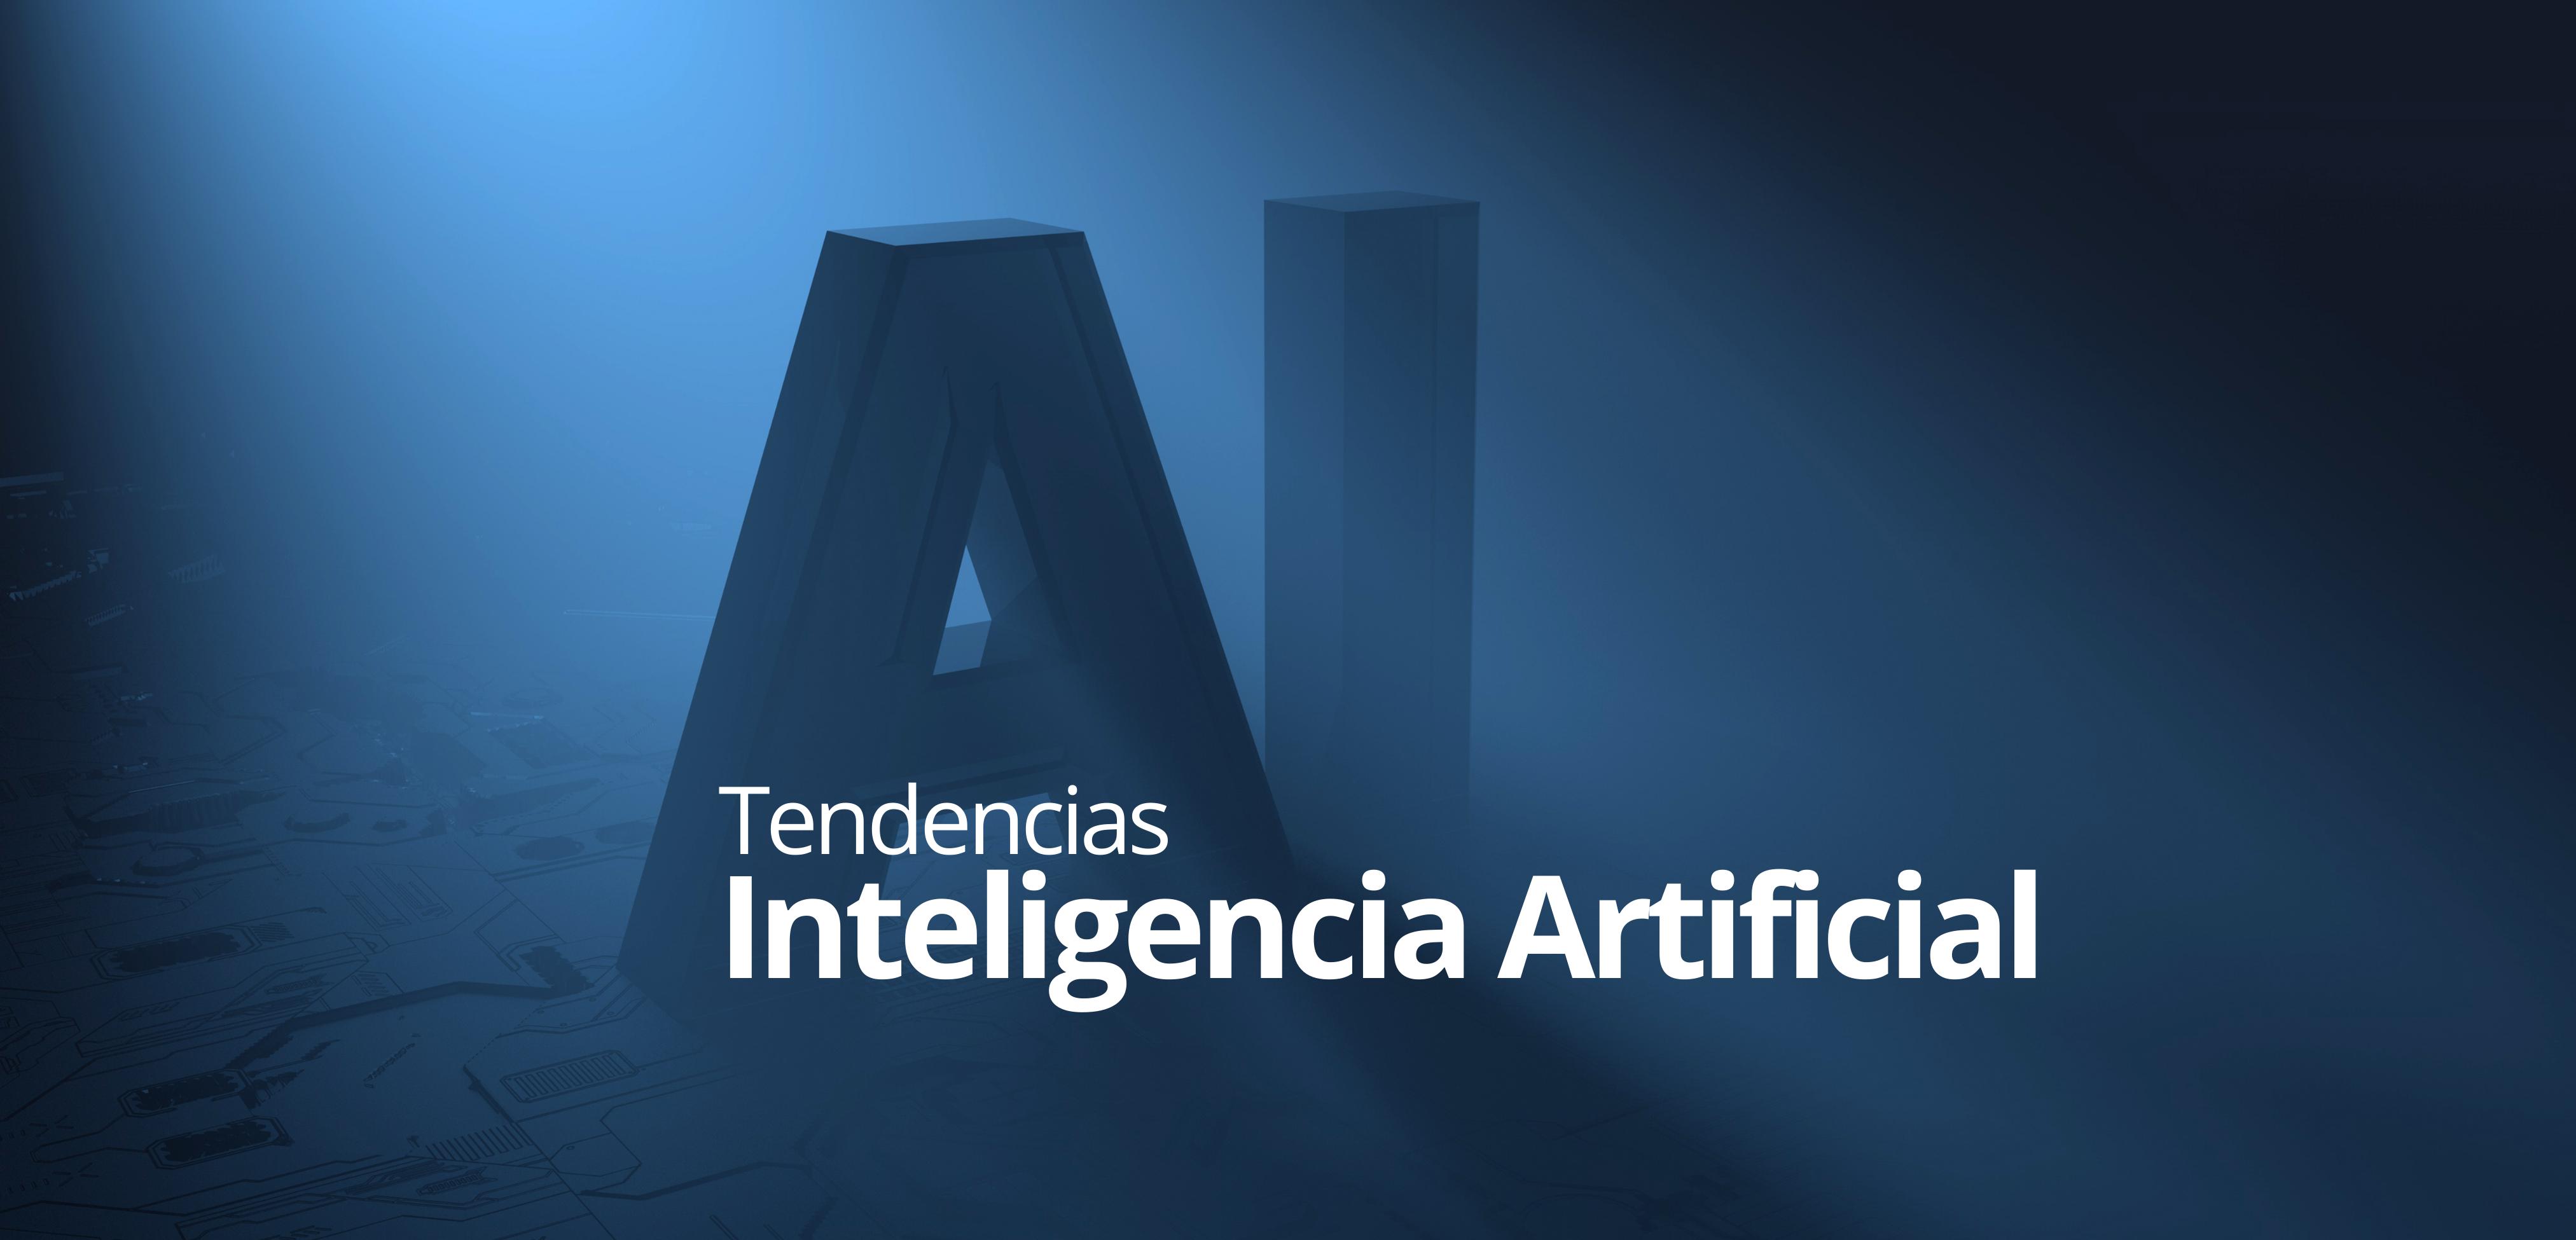 Conoce algunas tendencias de la Inteligencia Artificial